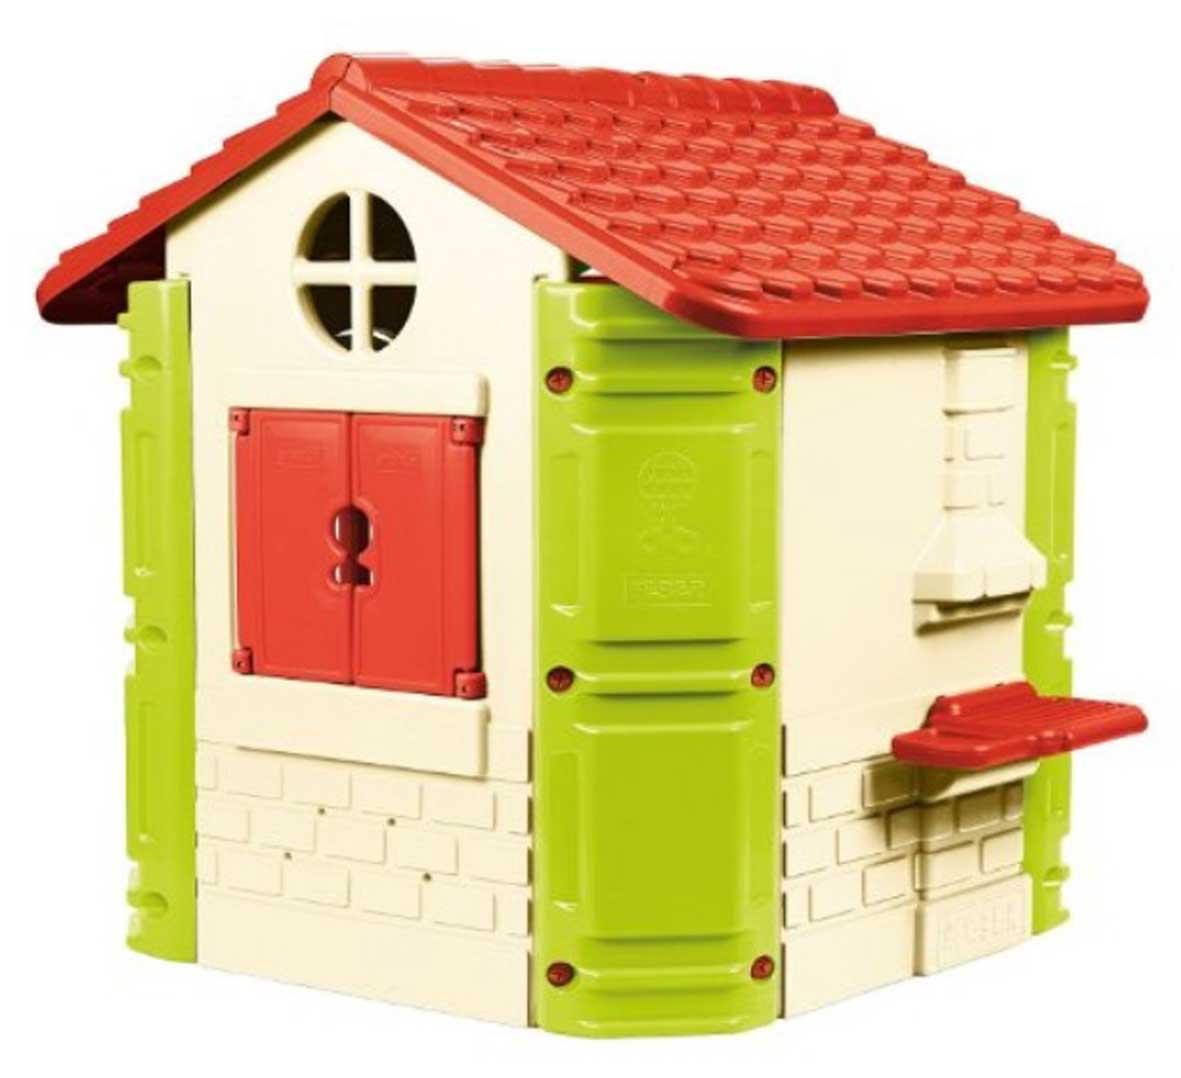 Casetta per bambini fino a 10 anni giocattoli per bambini for Casetta per bambini ikea